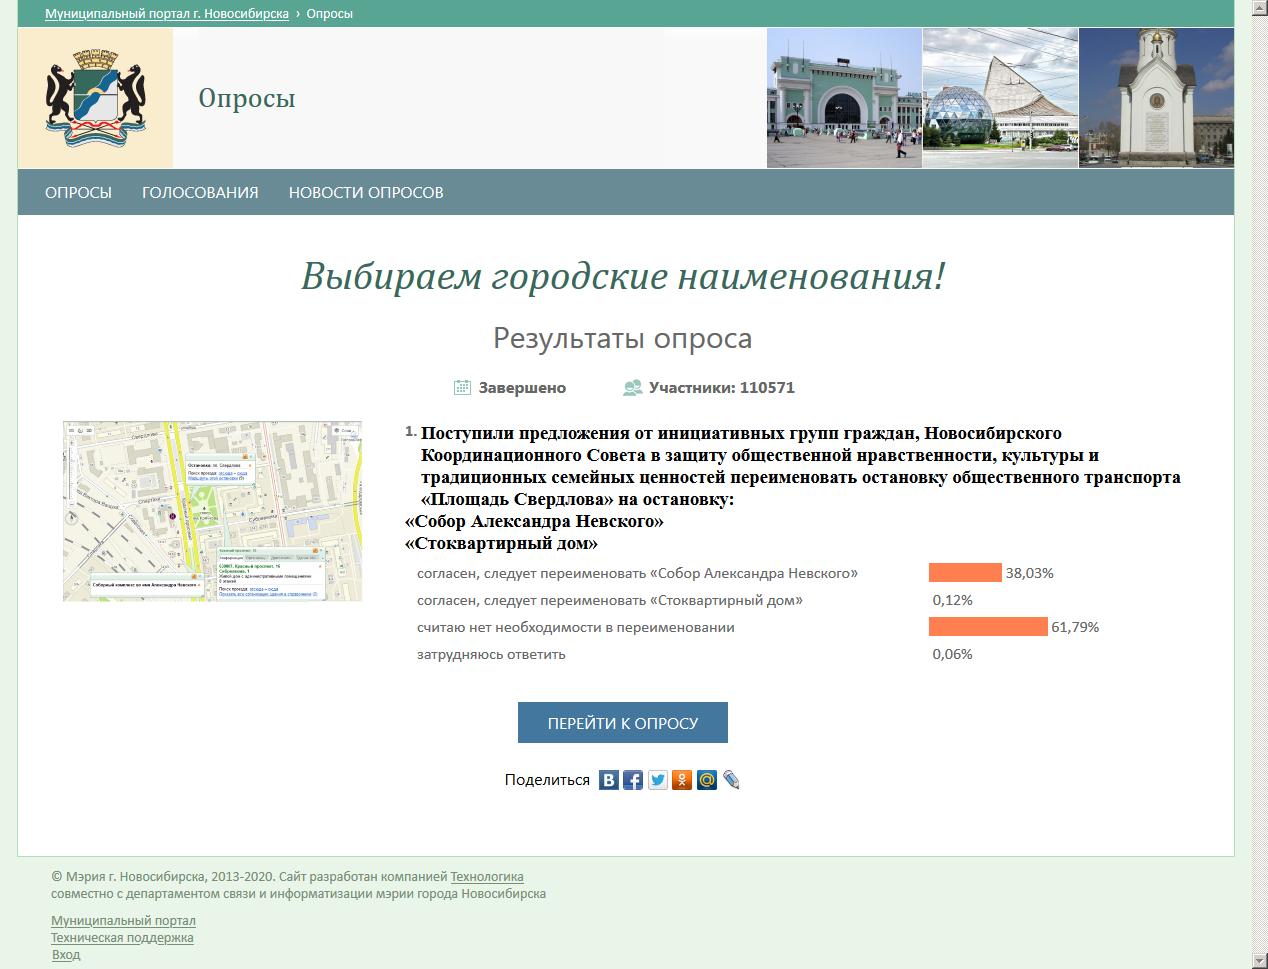 FS-20200330_07-36-n2486-Домашняя - Опросы-poll.novo-sibirsk.ru